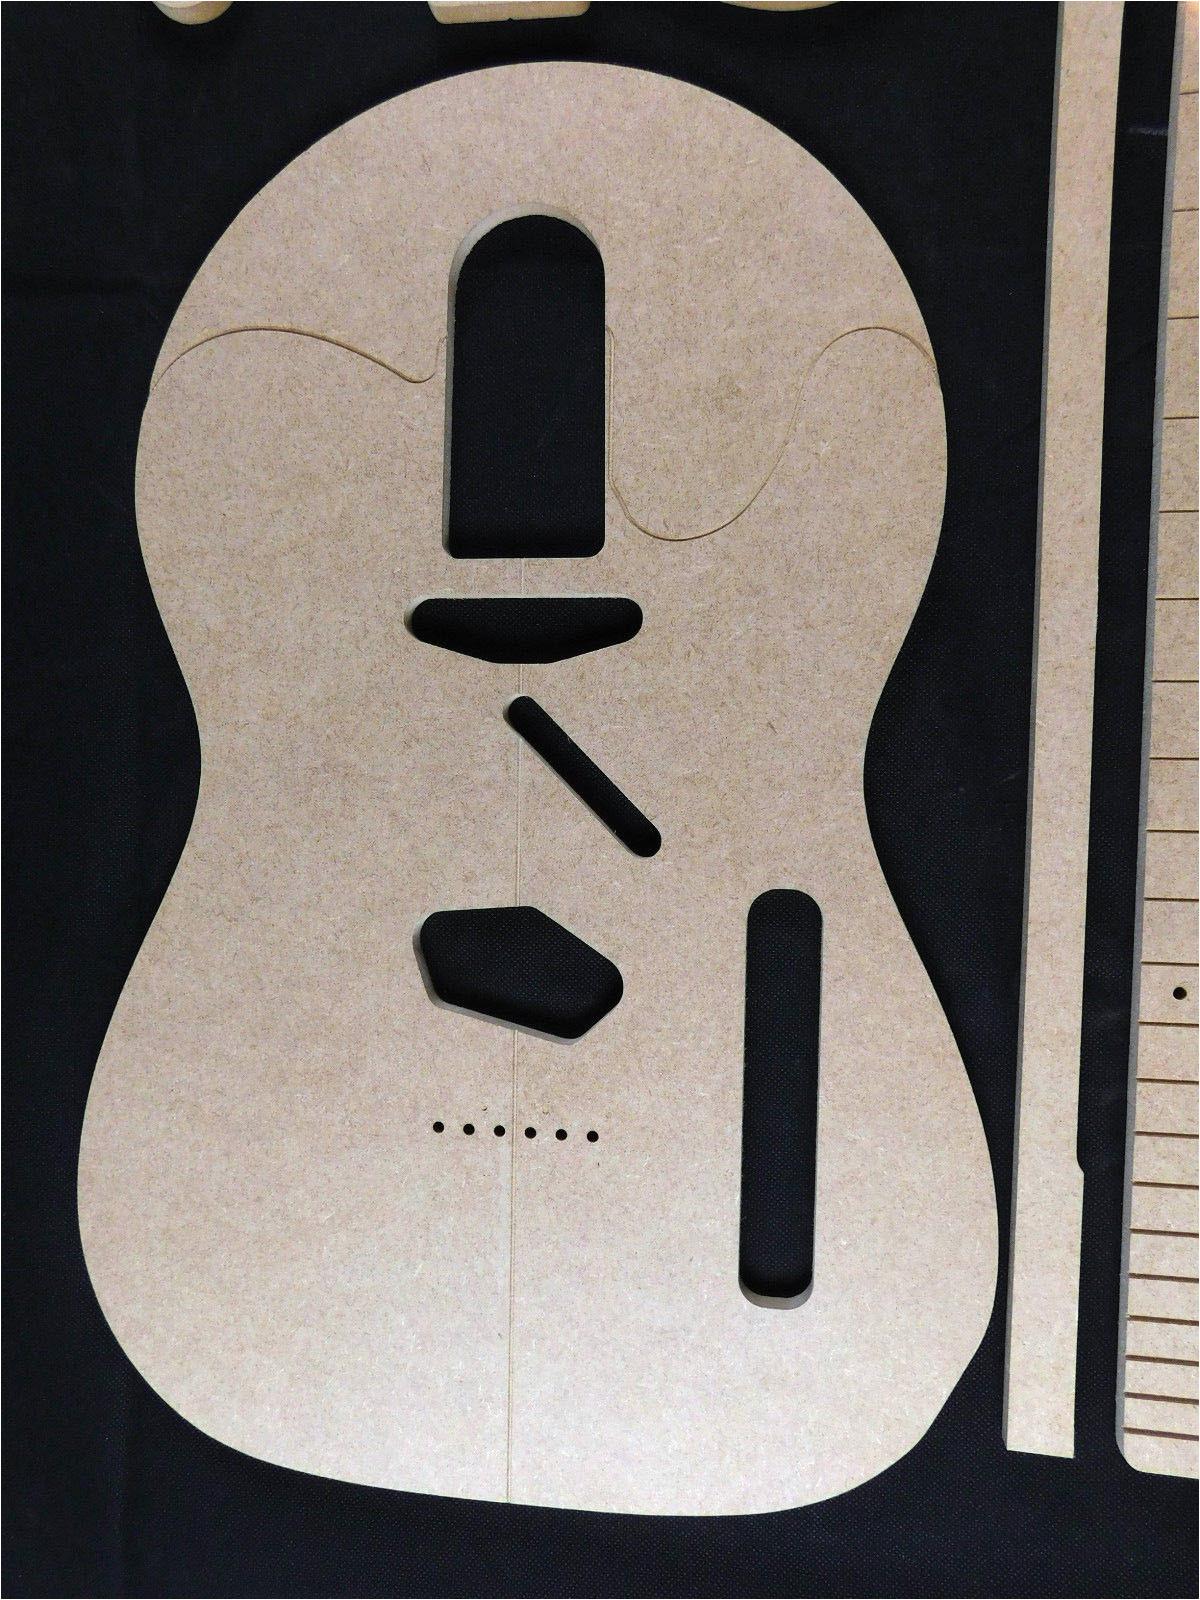 Guitar Templates Uk Telecaster Guitar Template Set